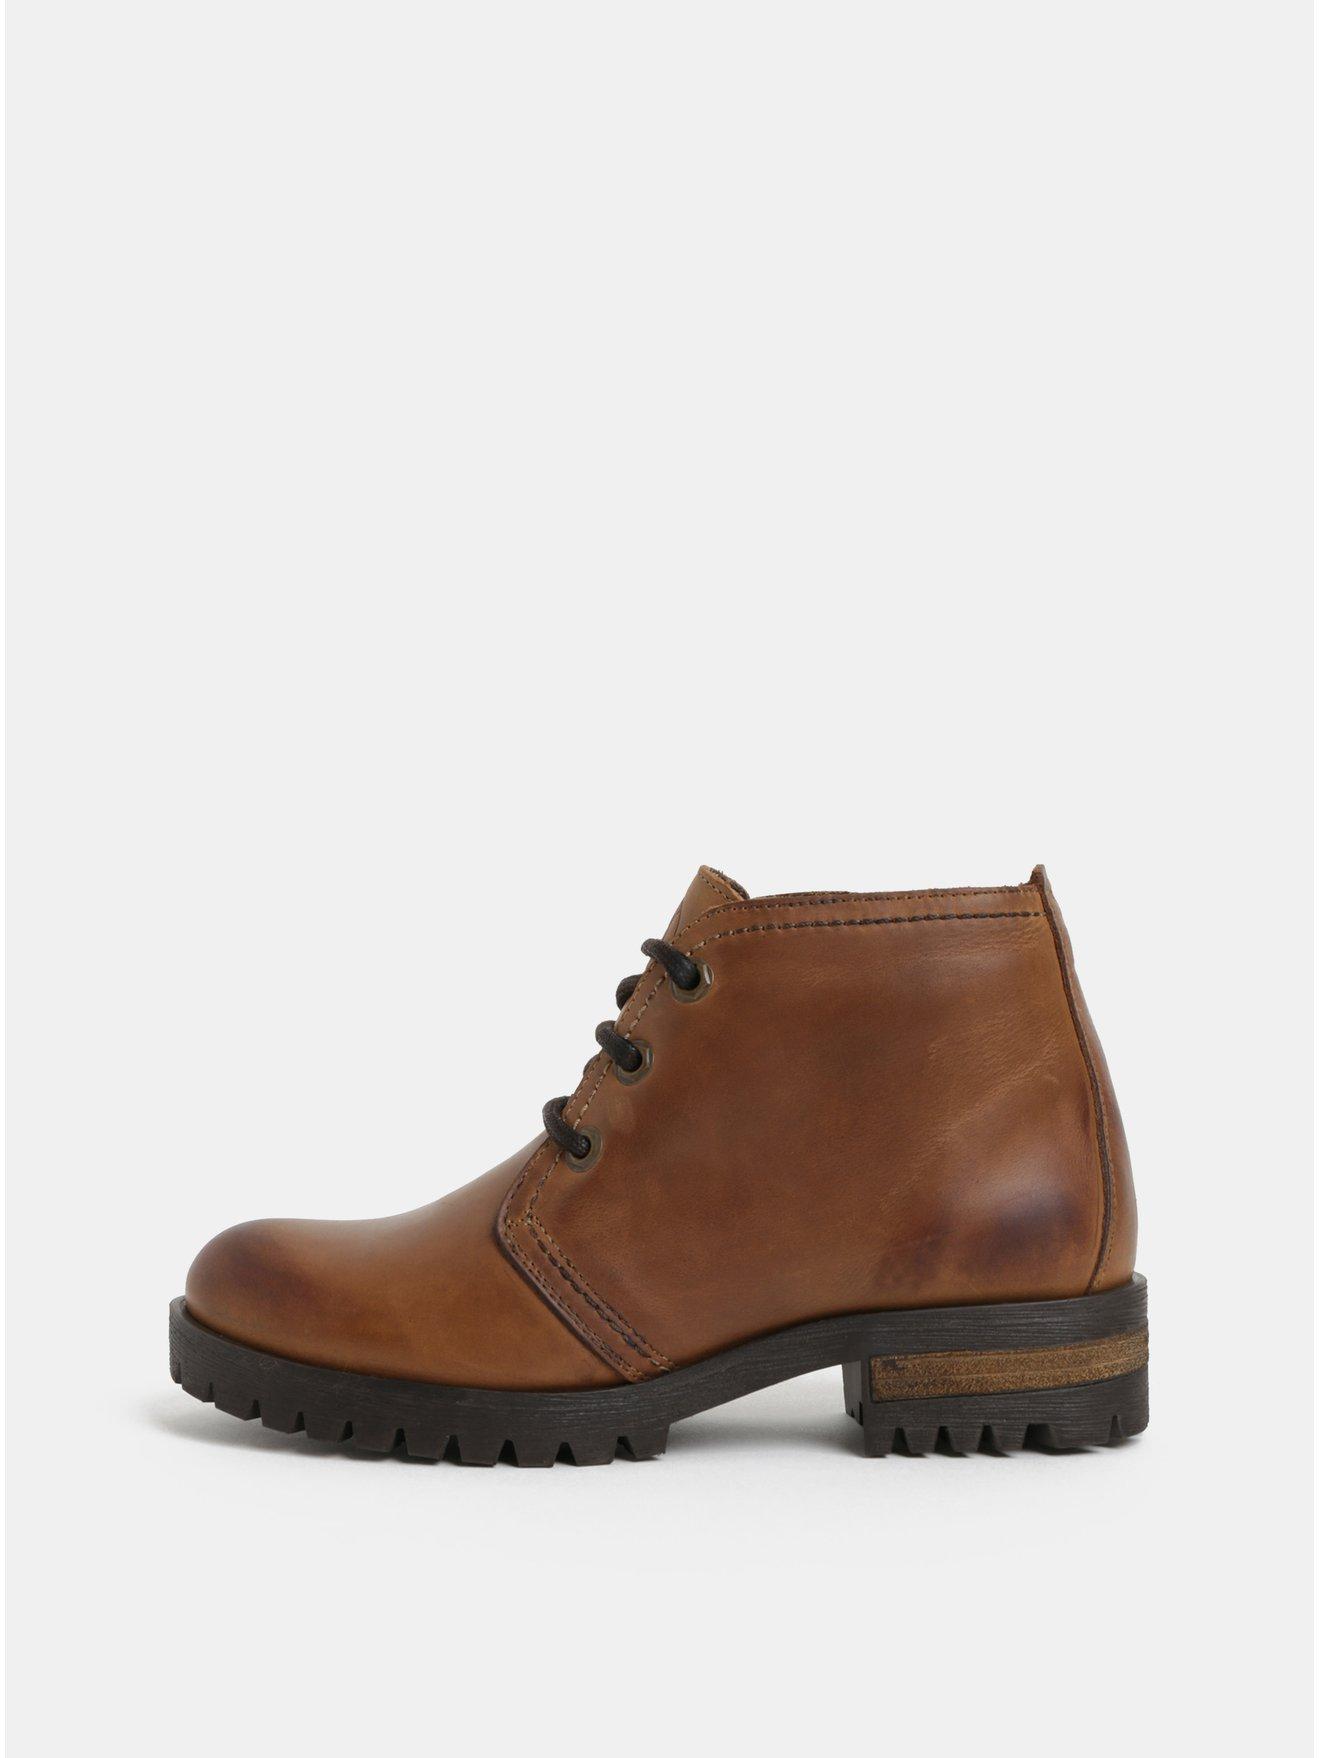 a6bb2f151e27 Hnedé členkové kožené topánky OJJU